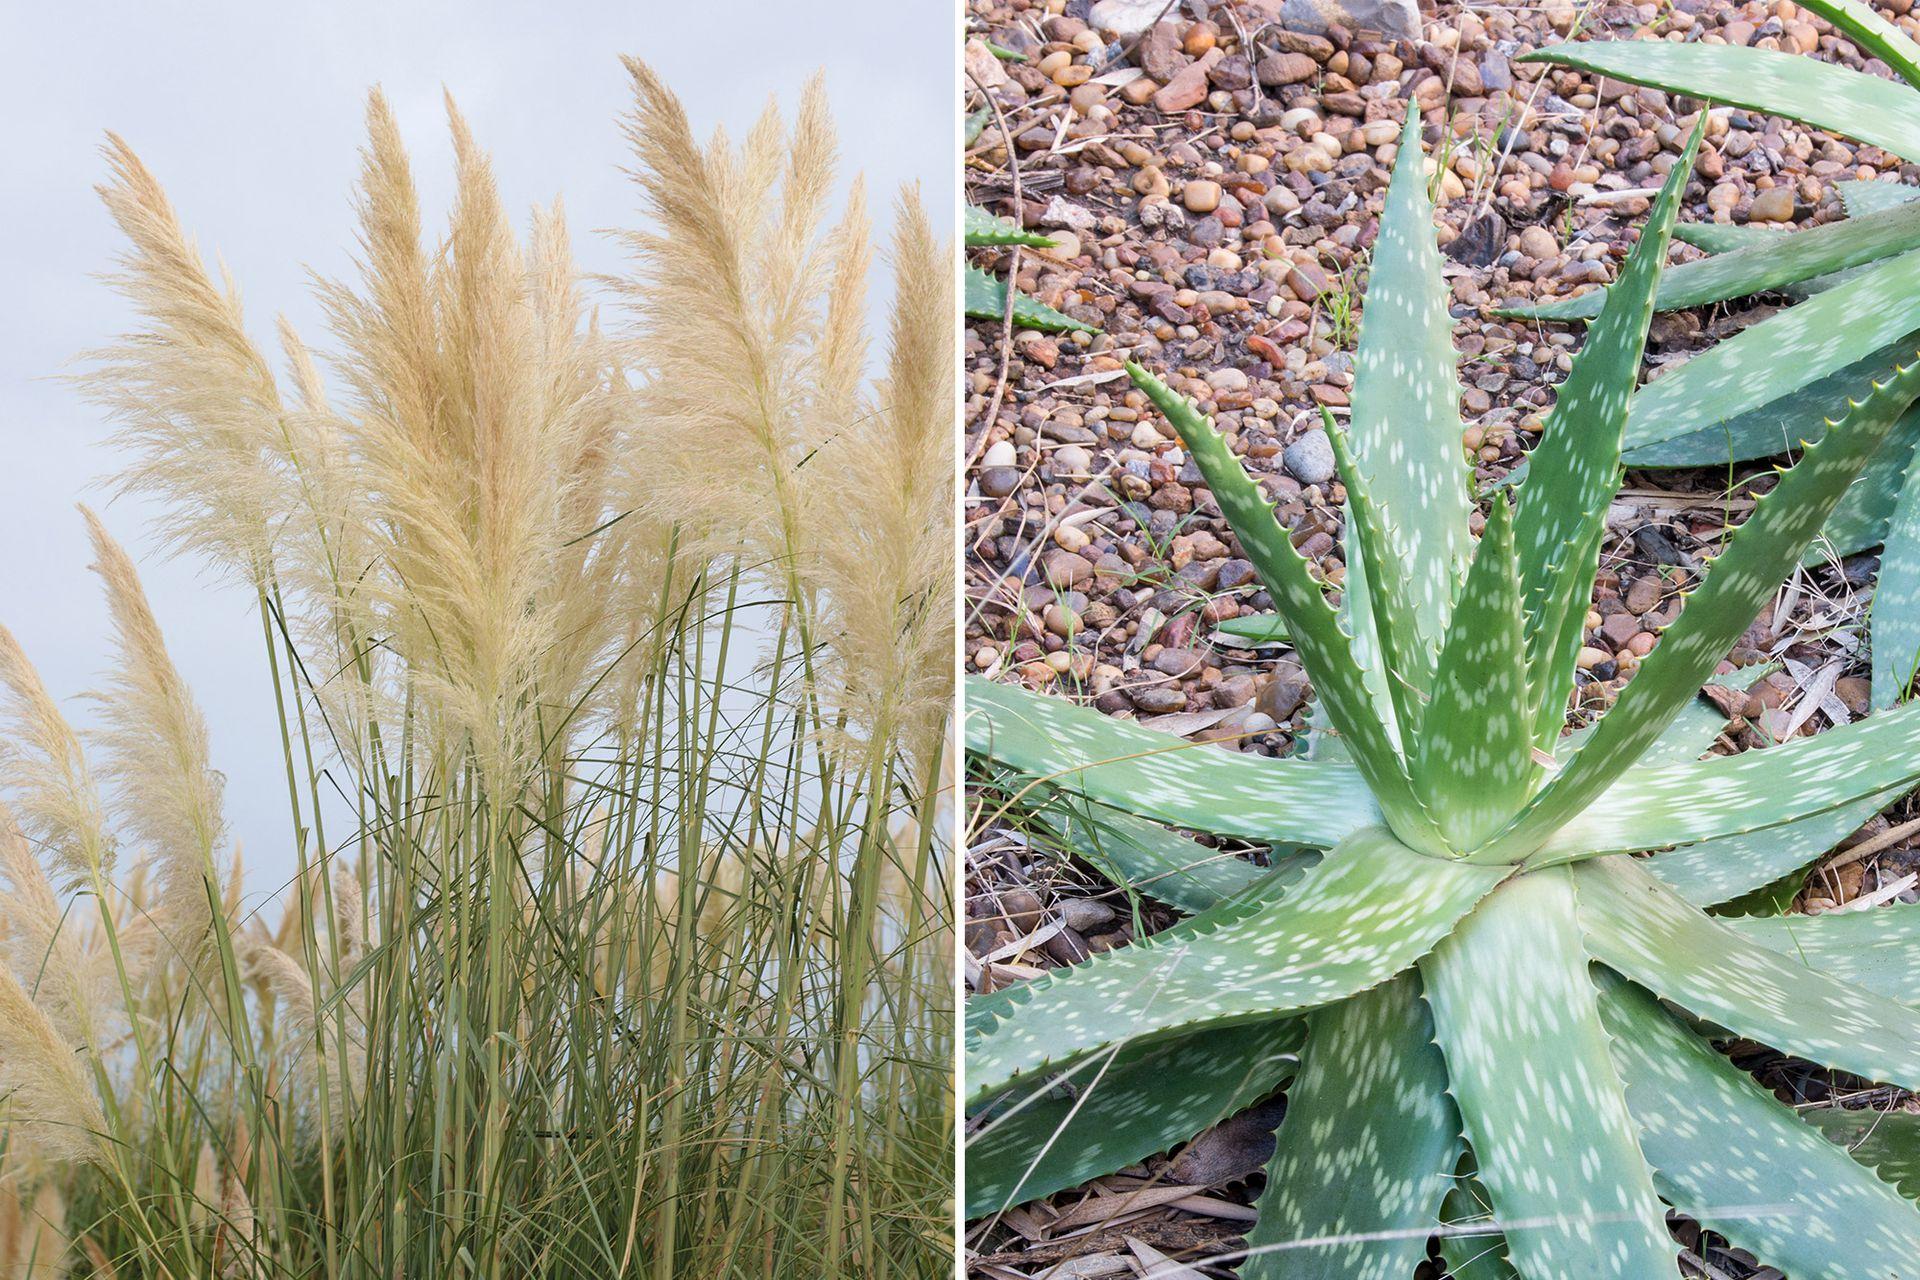 Cortadera (Cortadeira selloana), una planta nativa que alcanza los tres metros. El Aloe vera es una suculenta que llega a medir un metro de alto.